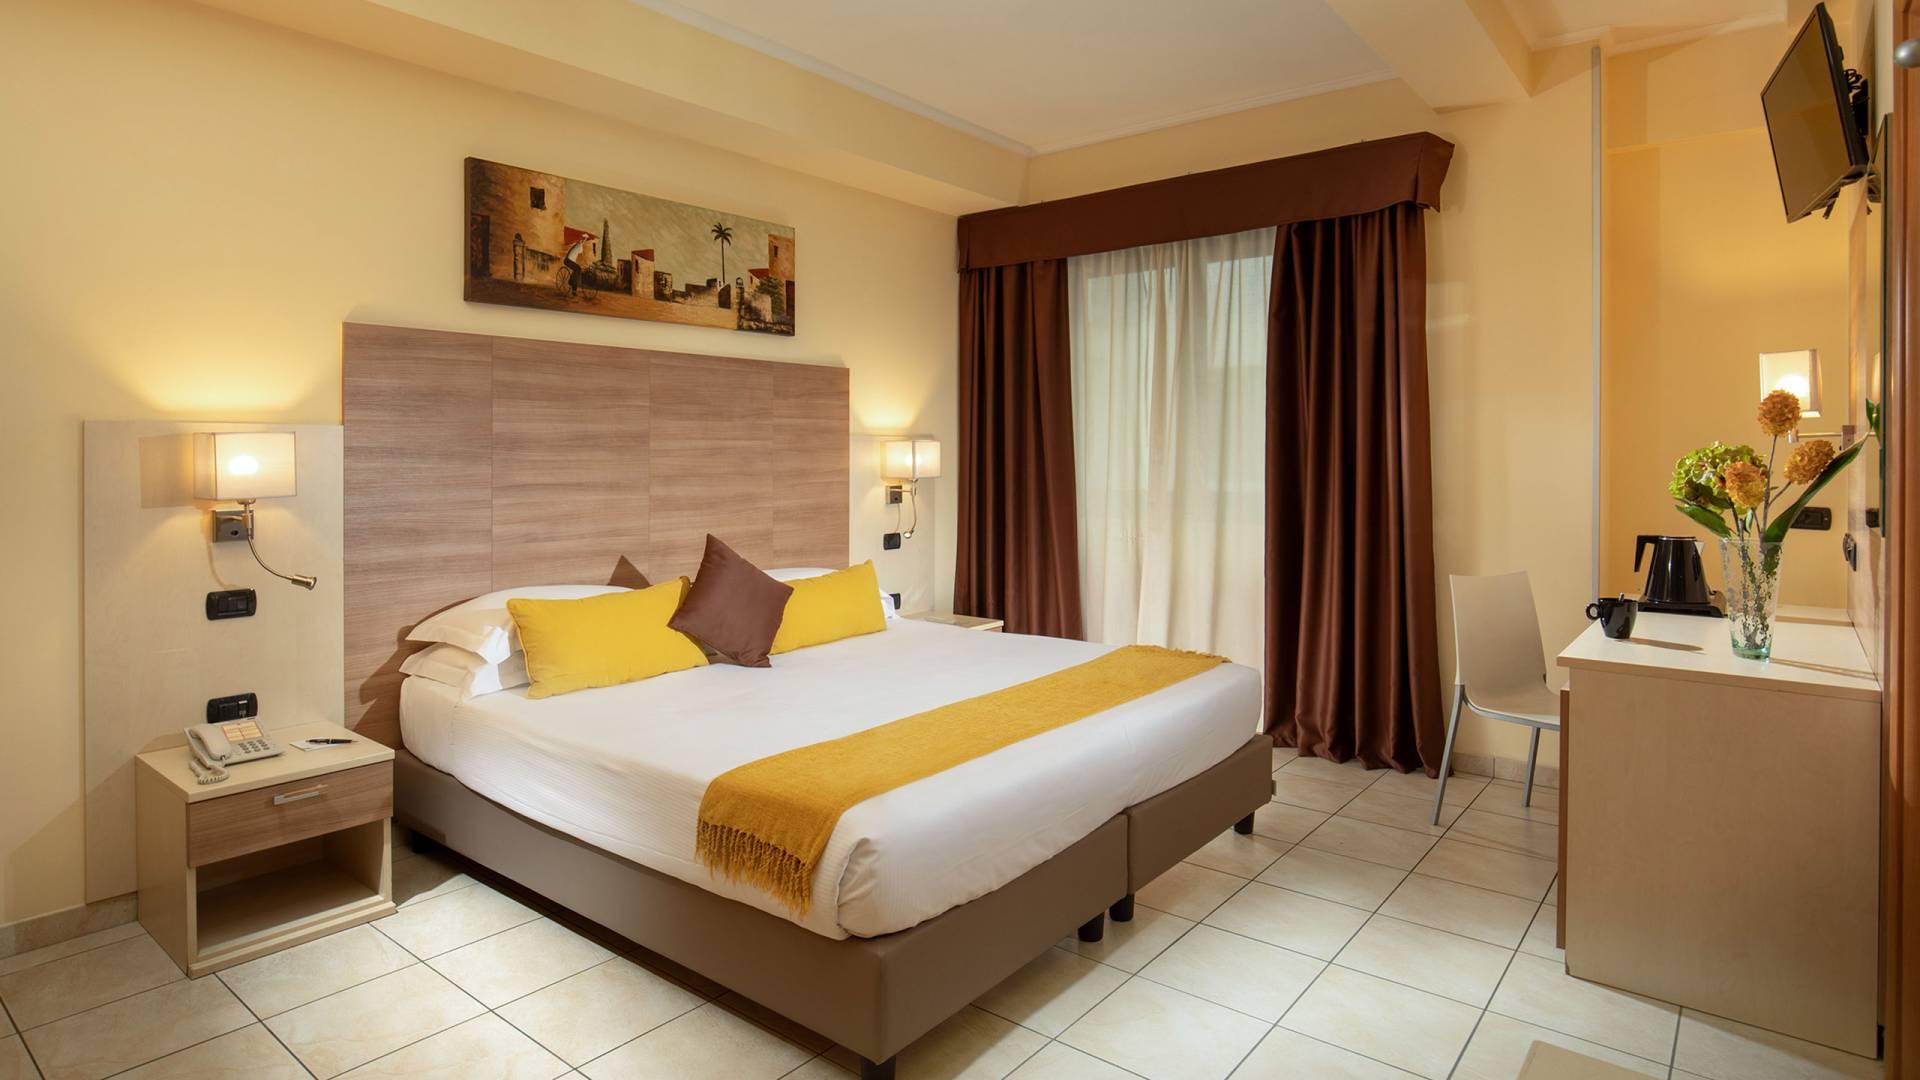 Domidea-Business-Hotel-Roma-Camera-Executive-2020-IMG-9503